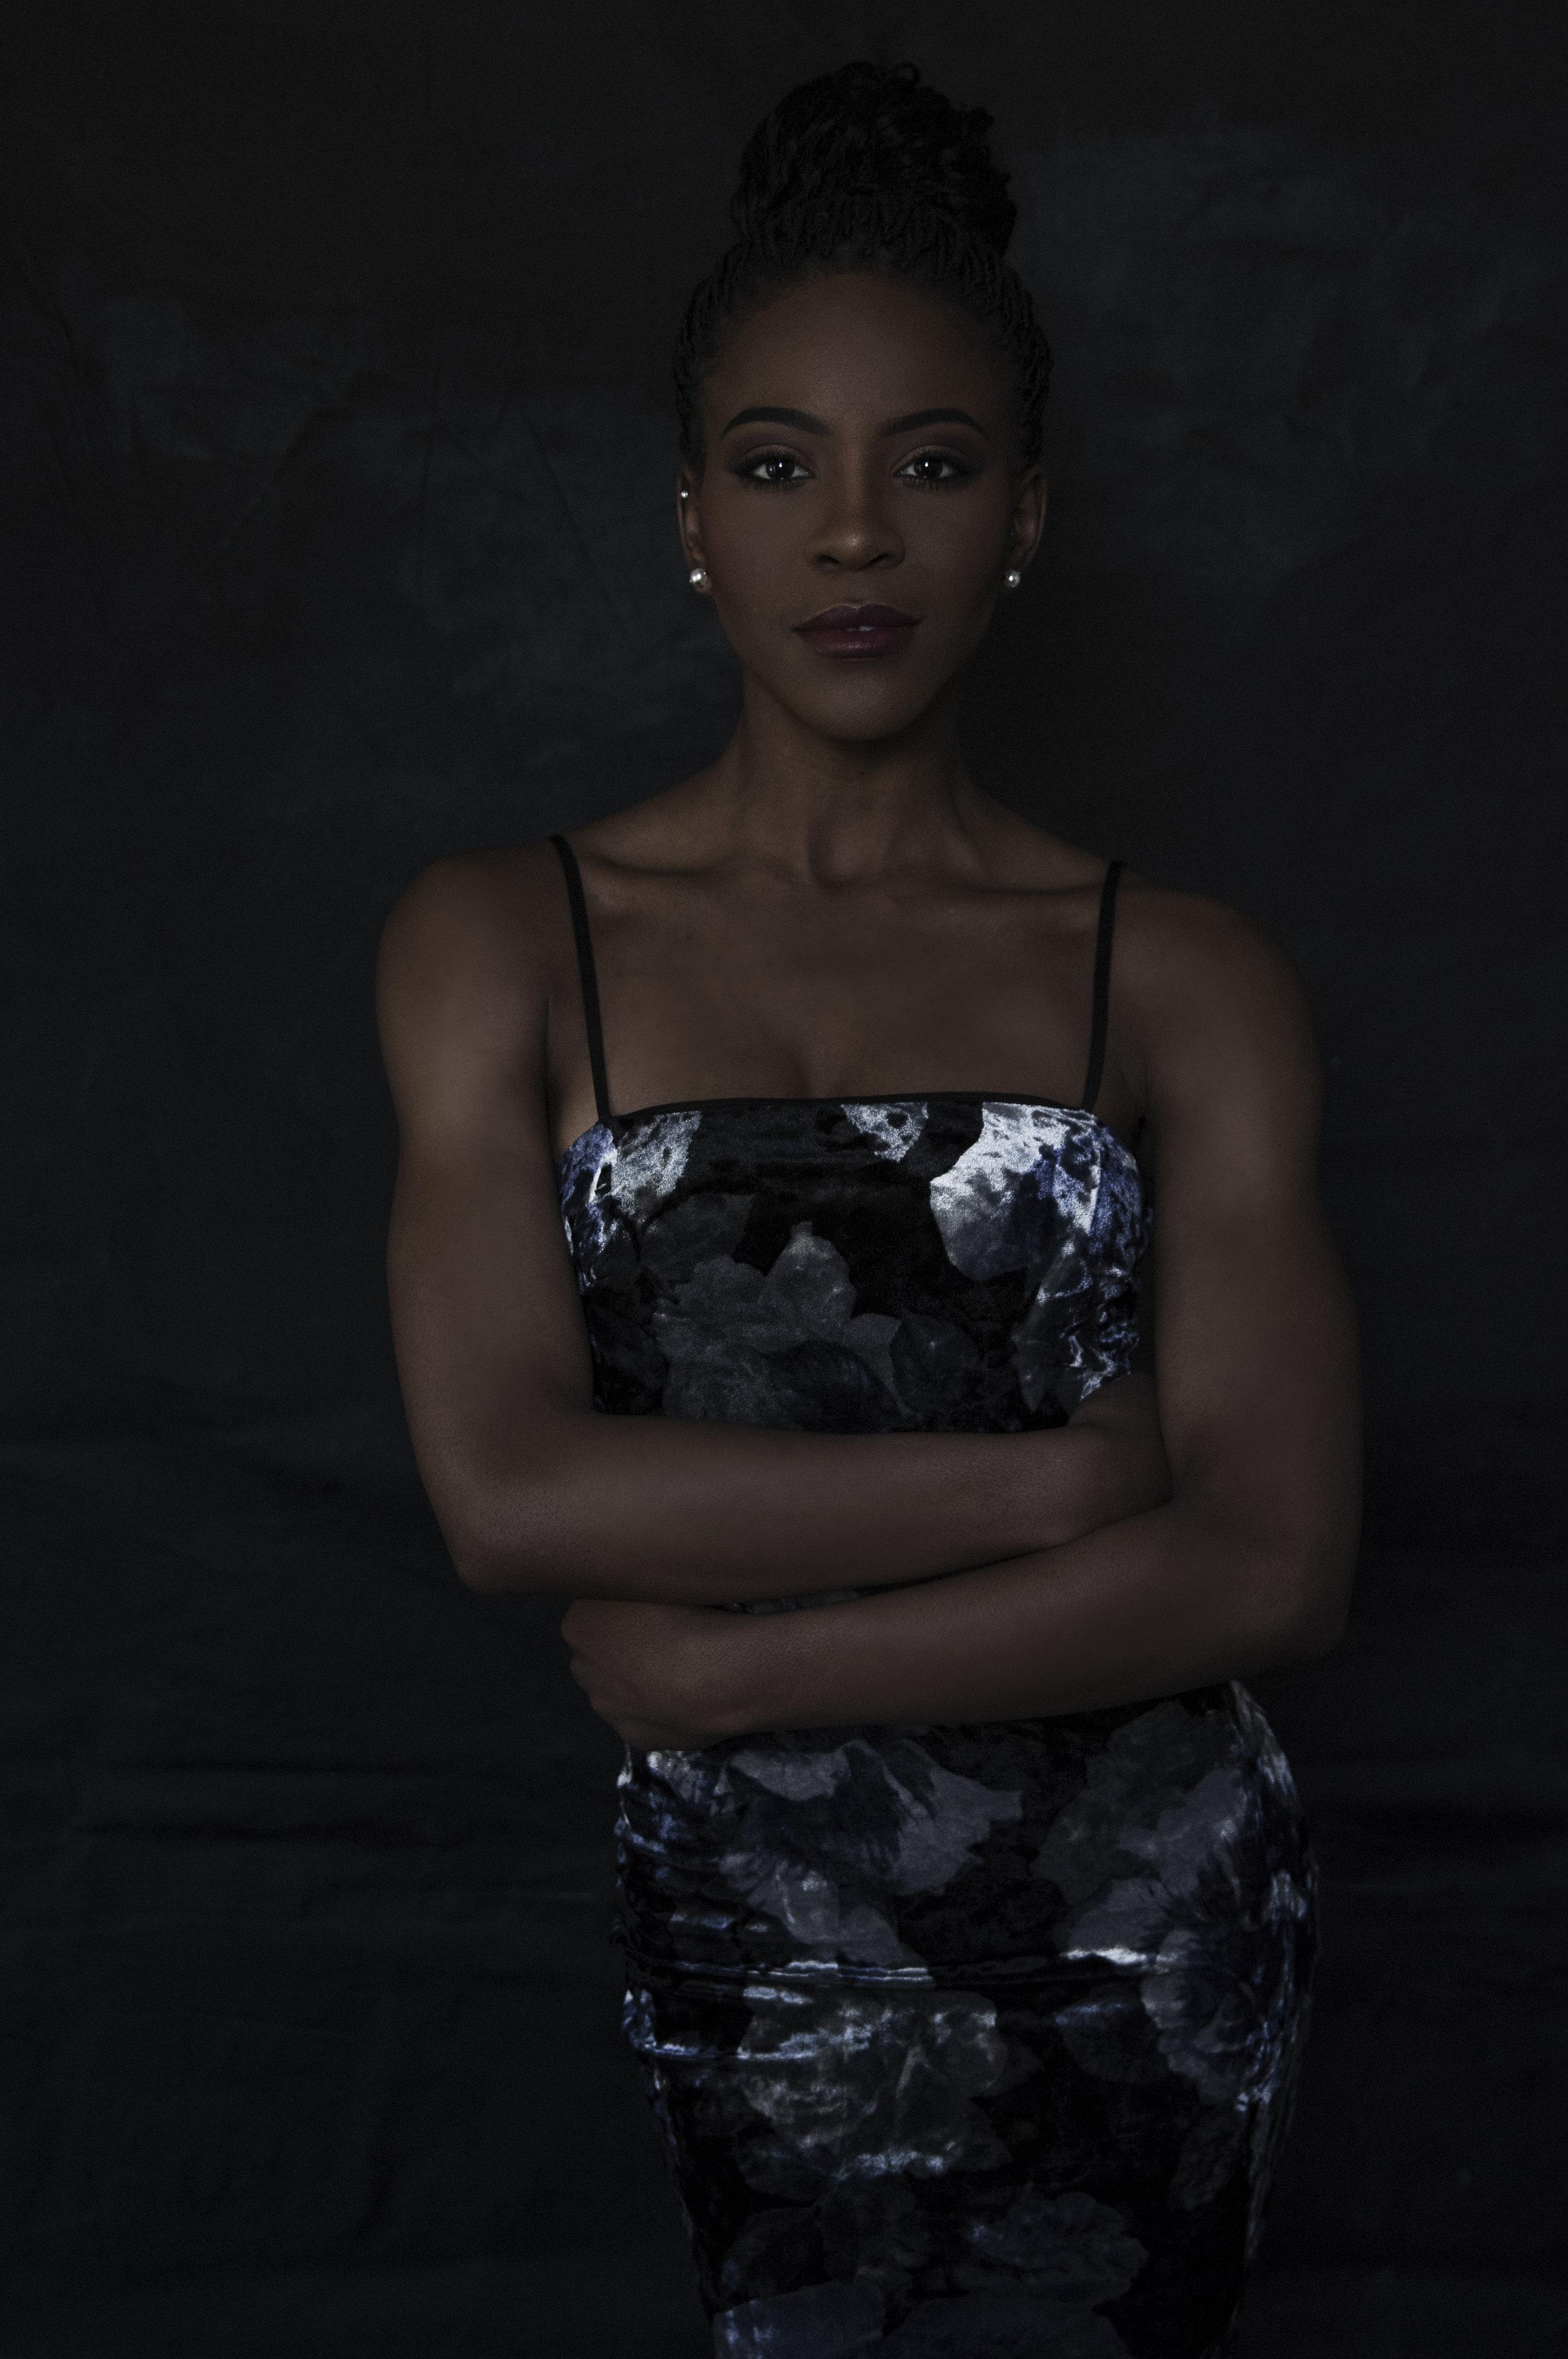 Dark Magazine Style Portrait